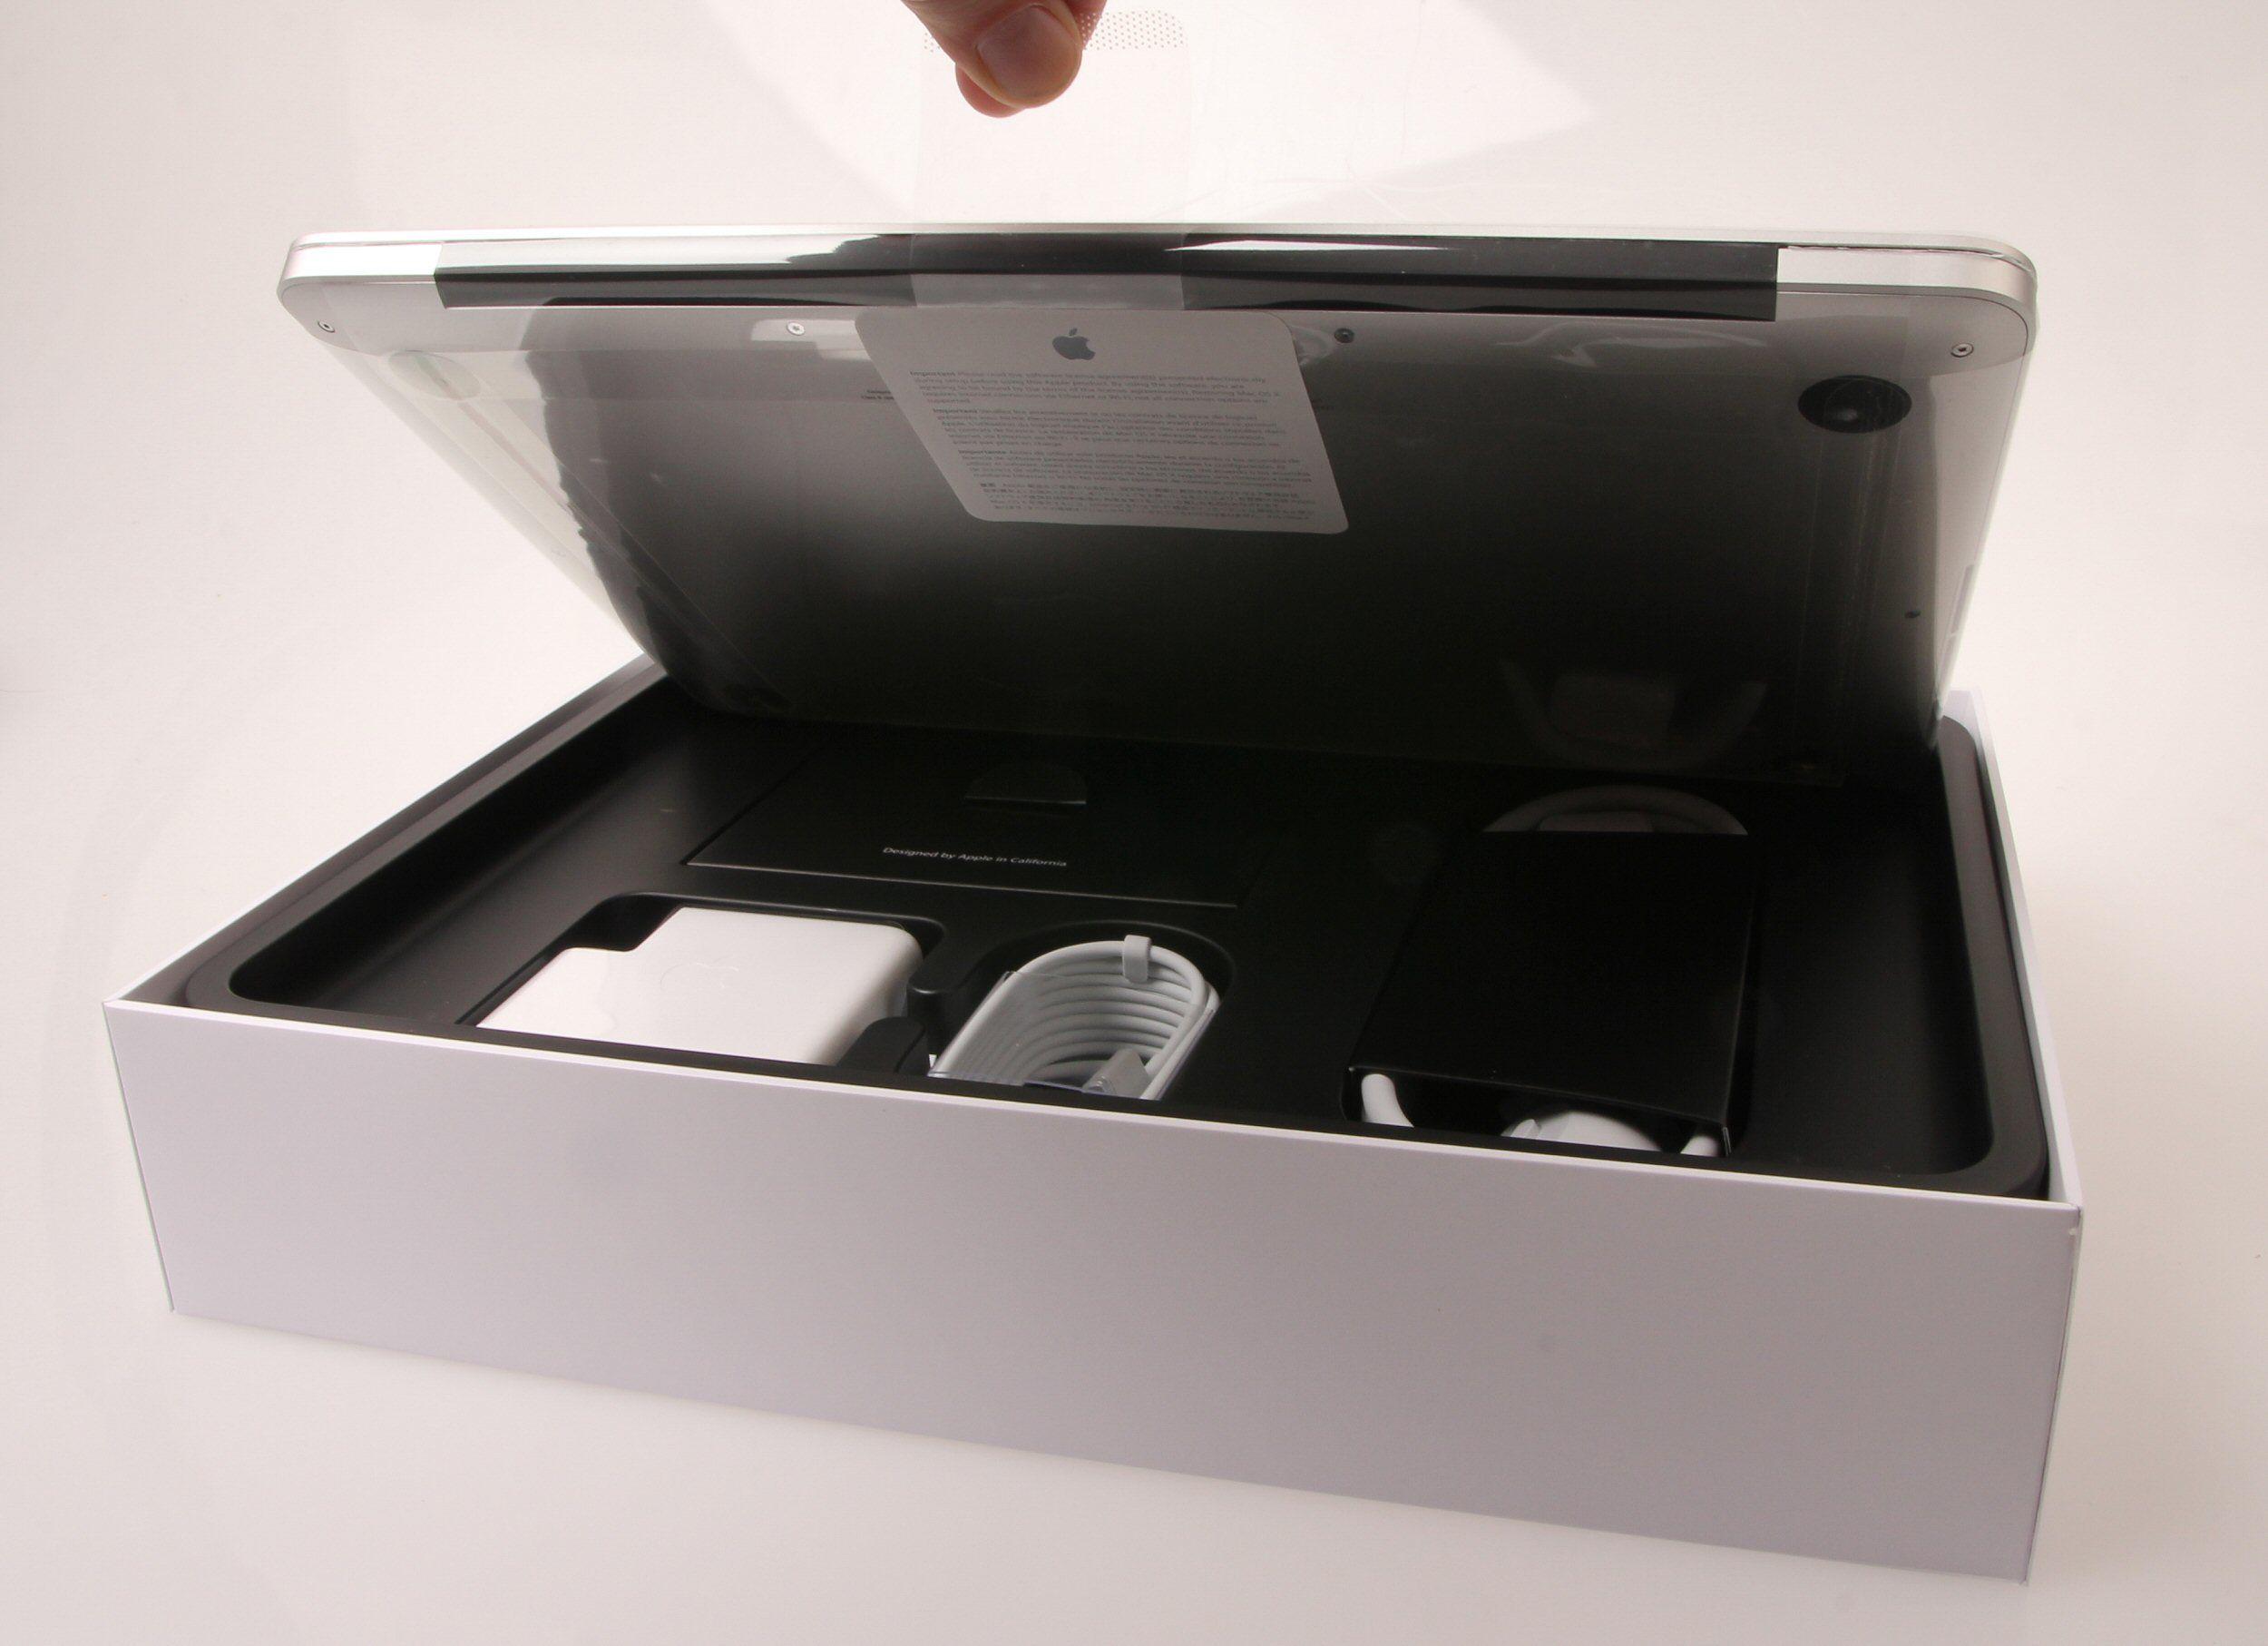 Pent og ryddig pakket.Foto: Vegar Jansen, Hardware.no